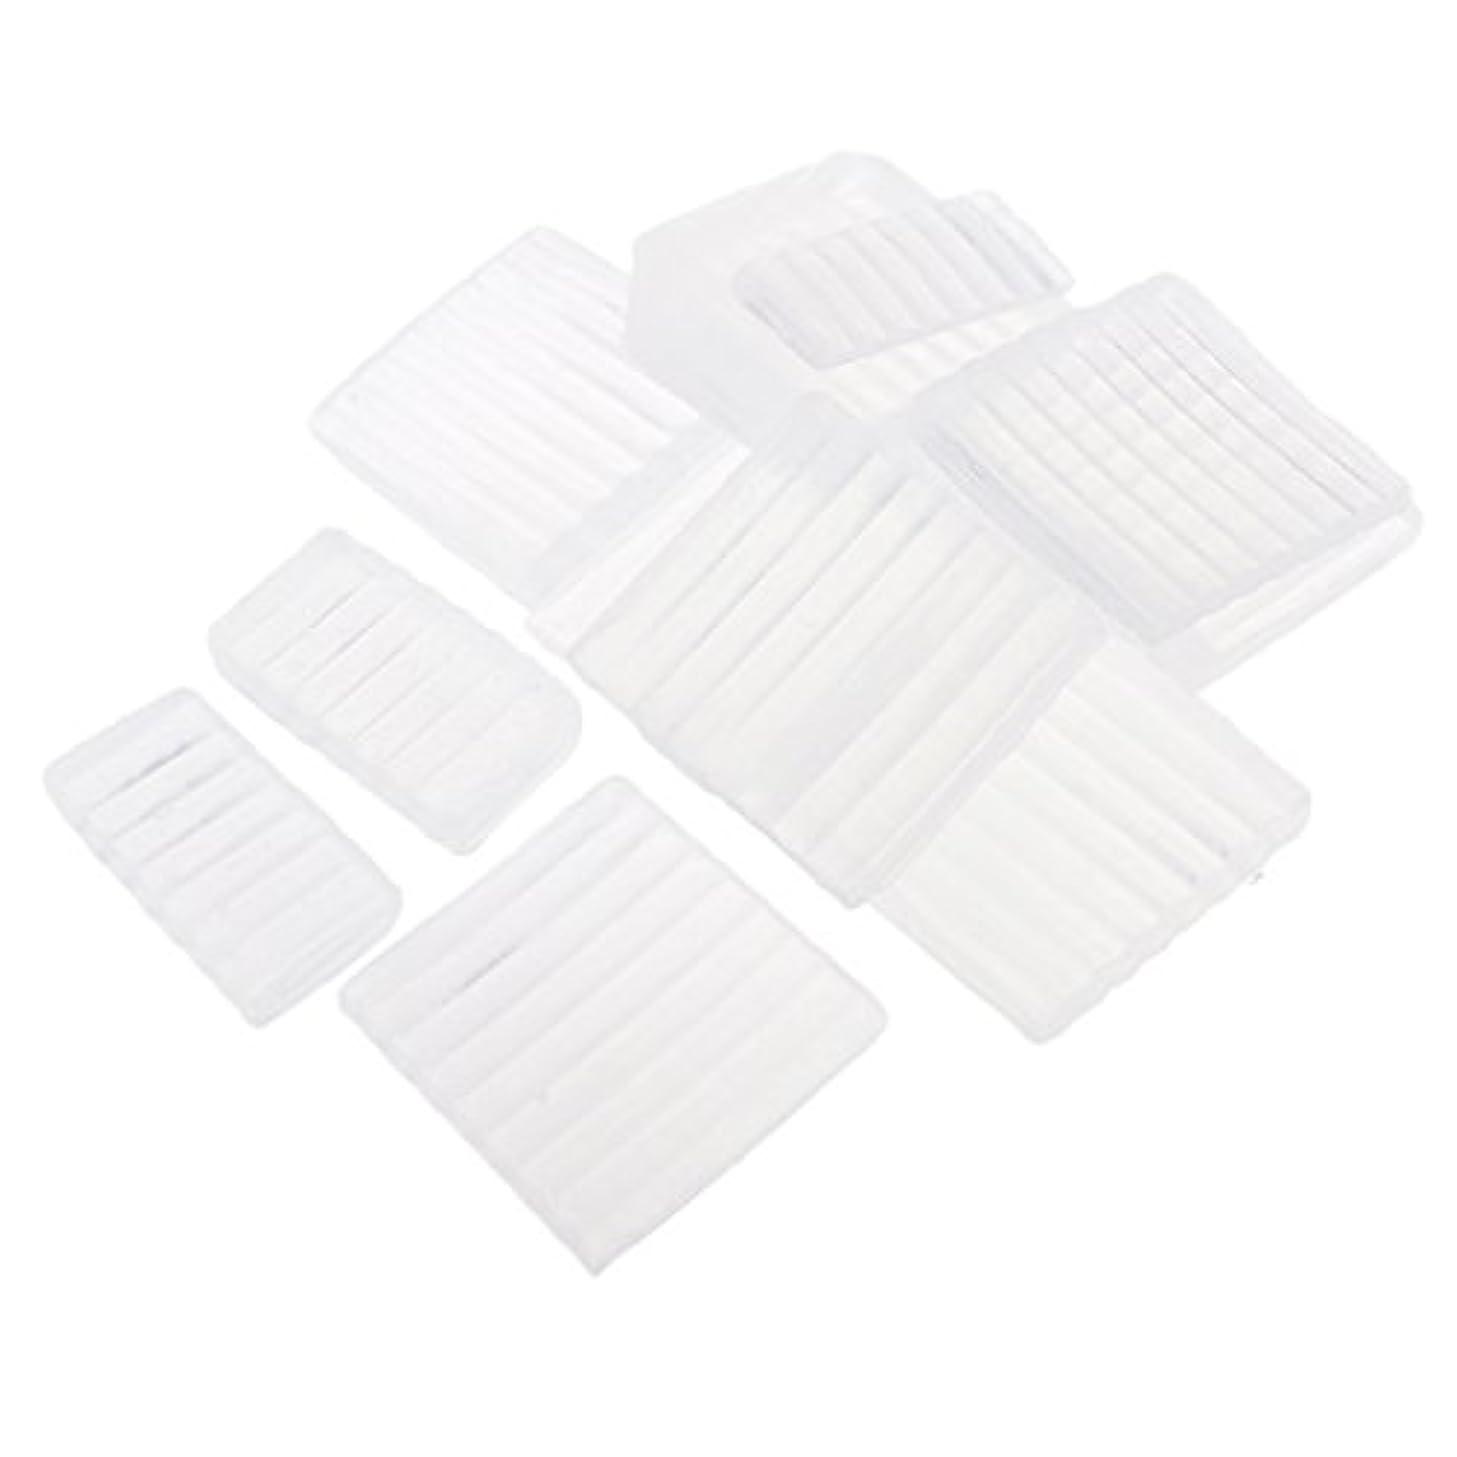 バース効果的請求約500g ホワイト 透明 石鹸ベース DIY 手作り 石鹸 材料